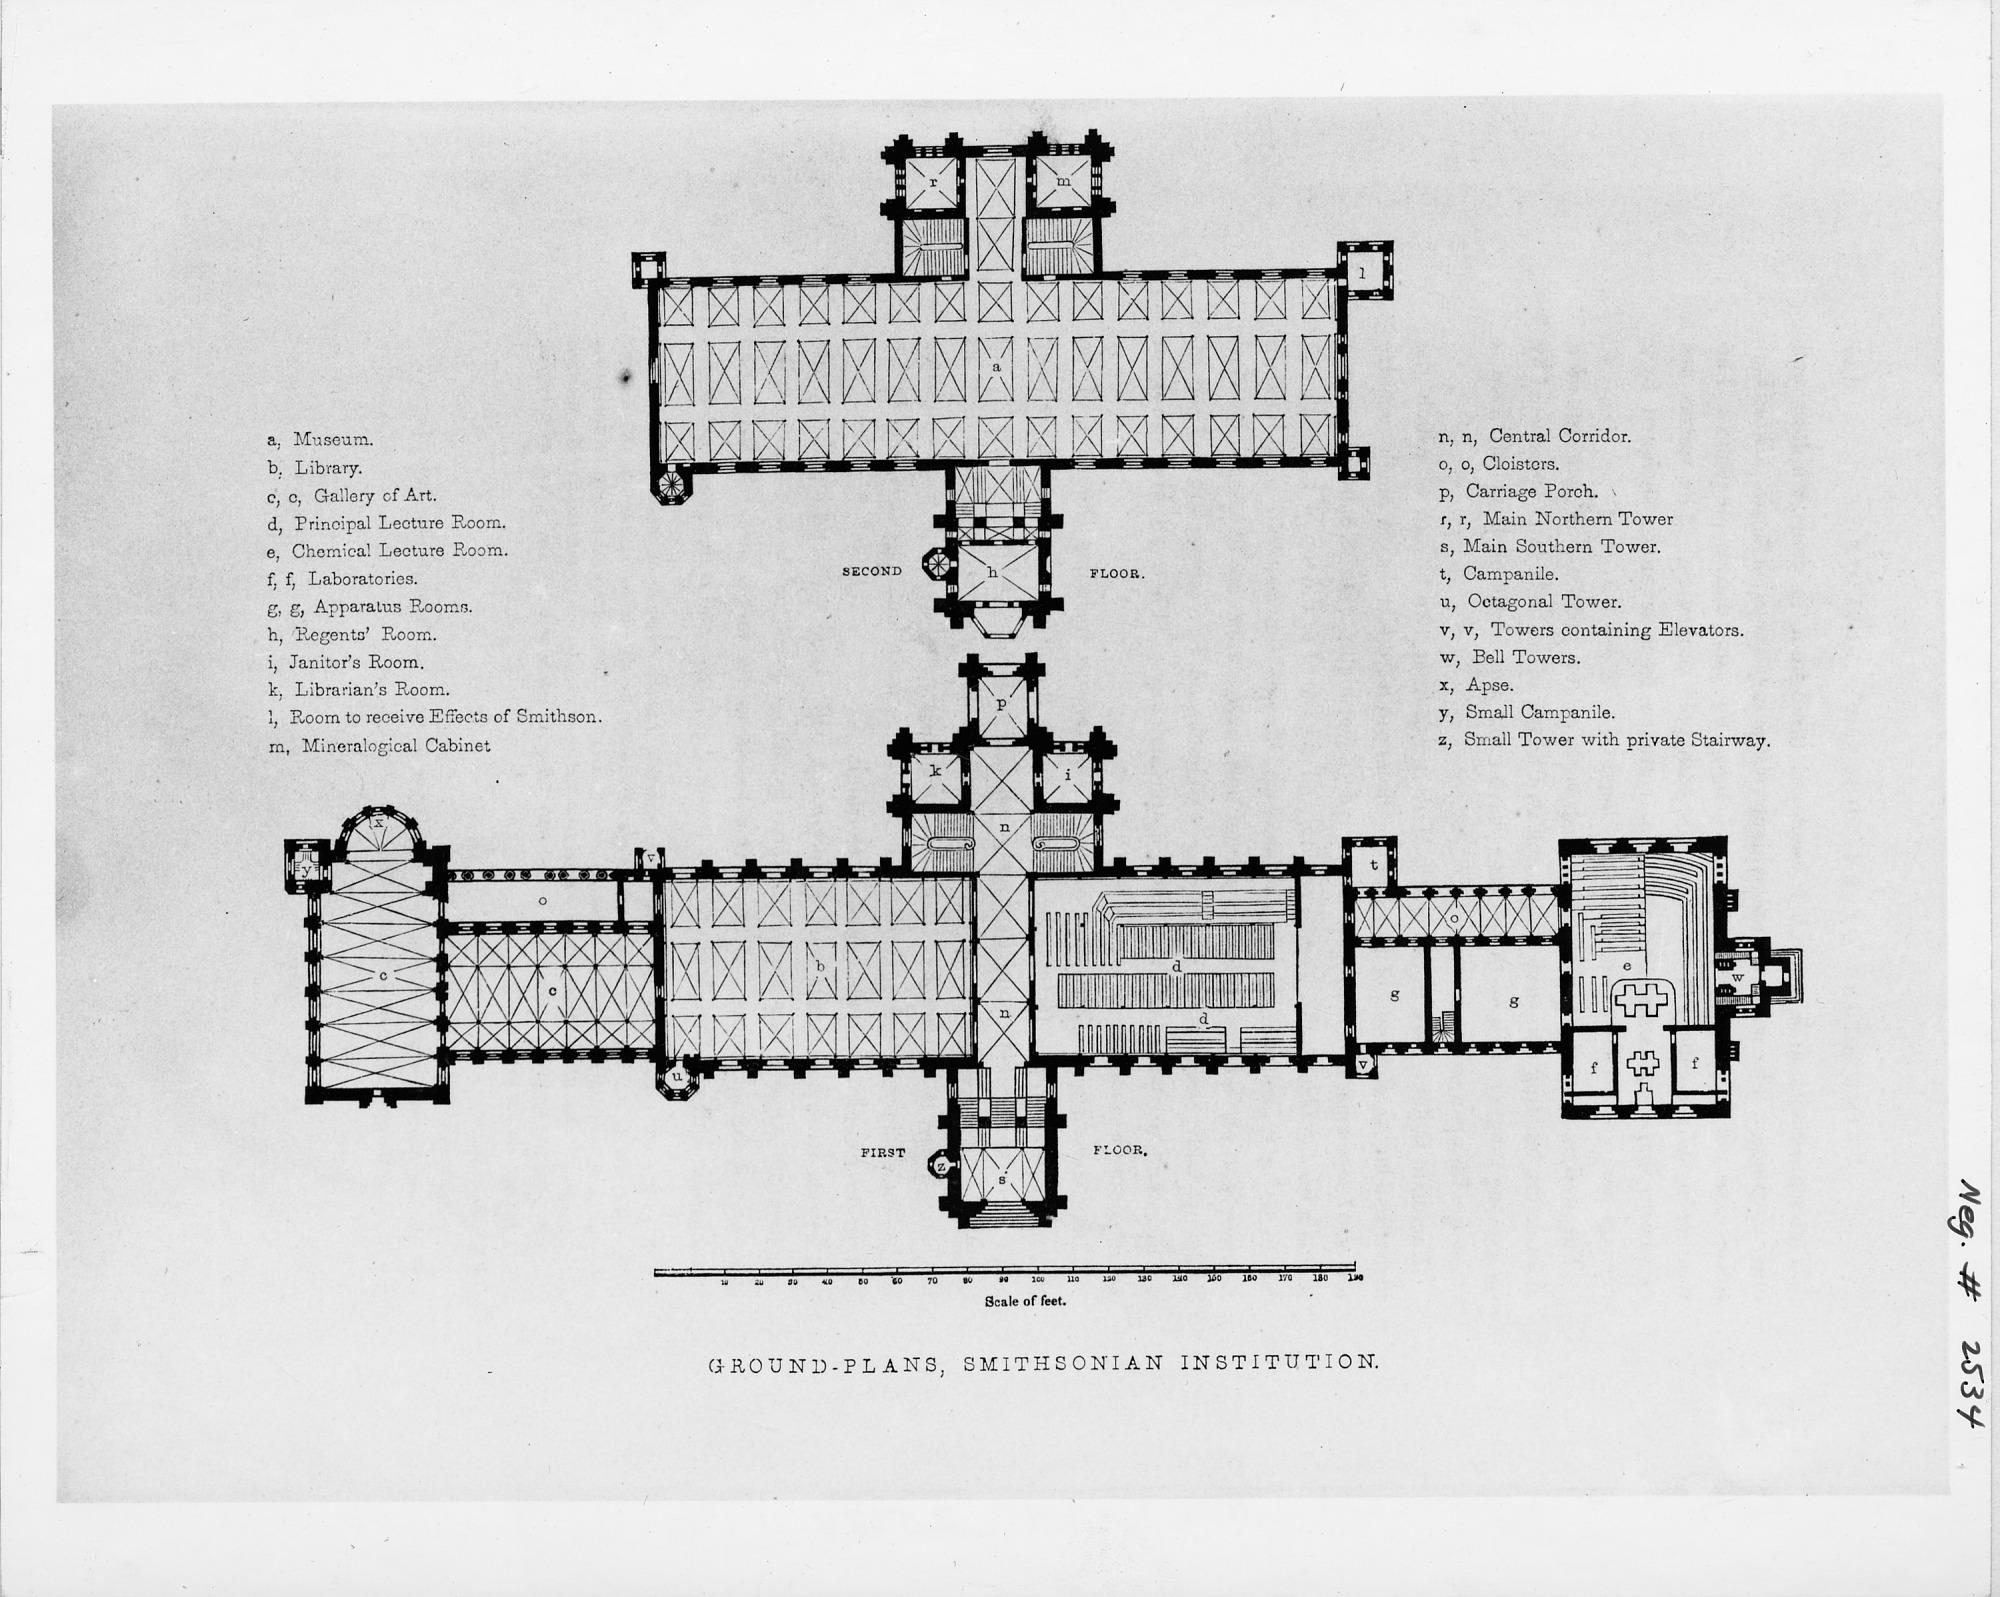 Floor Plan of Smithsonian Institution Building (1849)